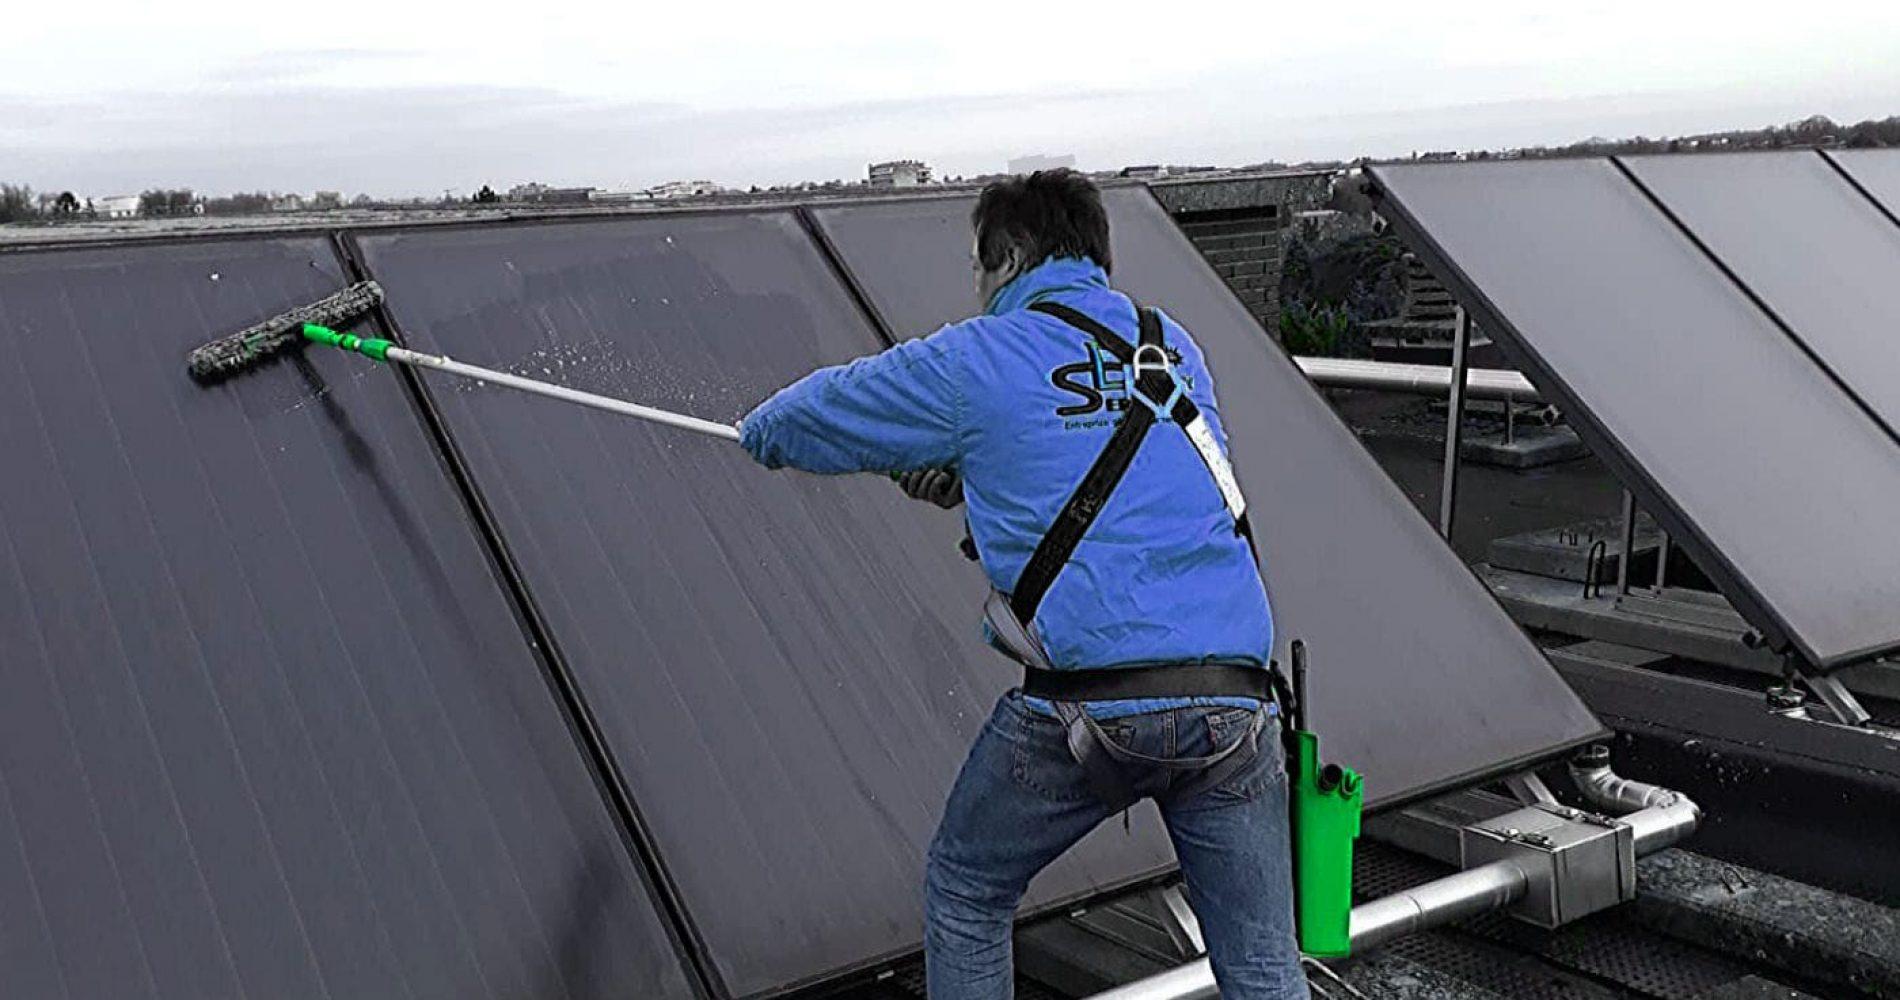 entreprise générale de nettoyage bruxelles cleaning dorsy services